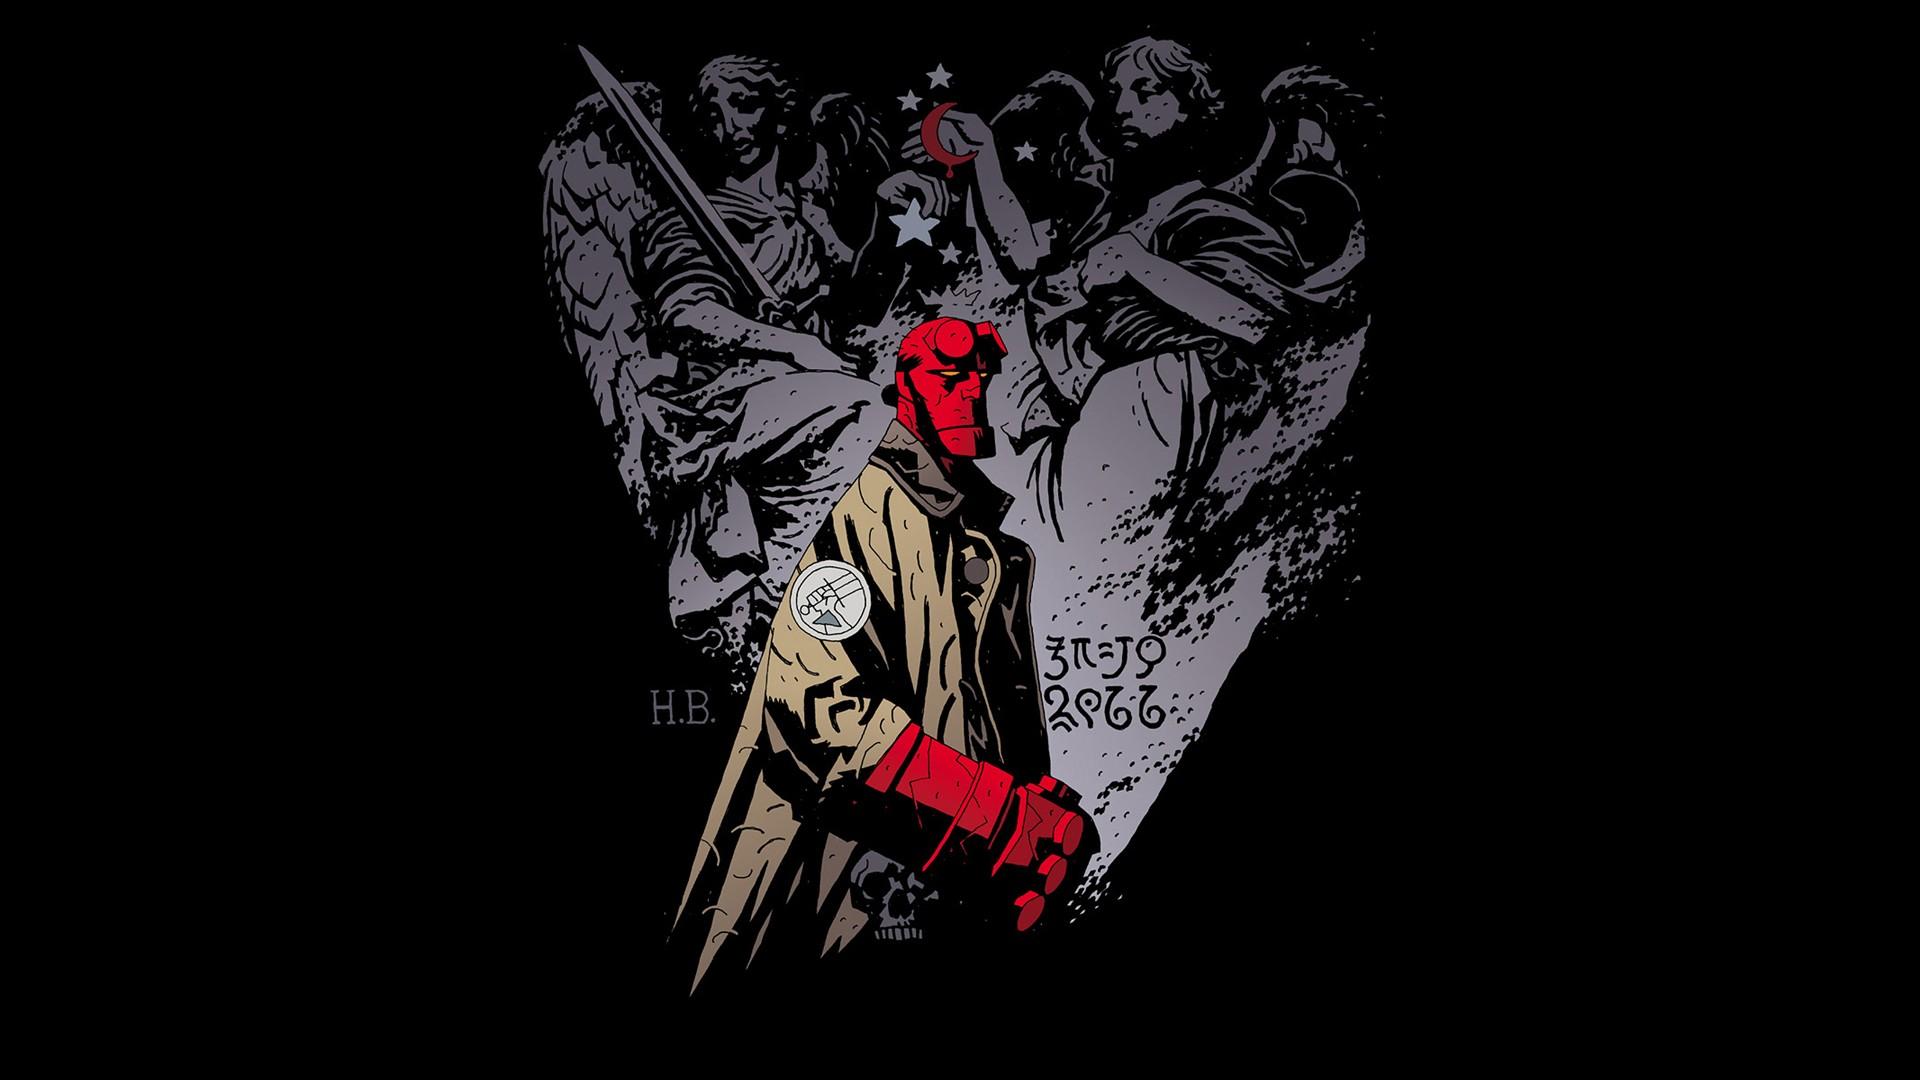 comics hellboy wallpaper 1920x1080 222240 wallpaperup